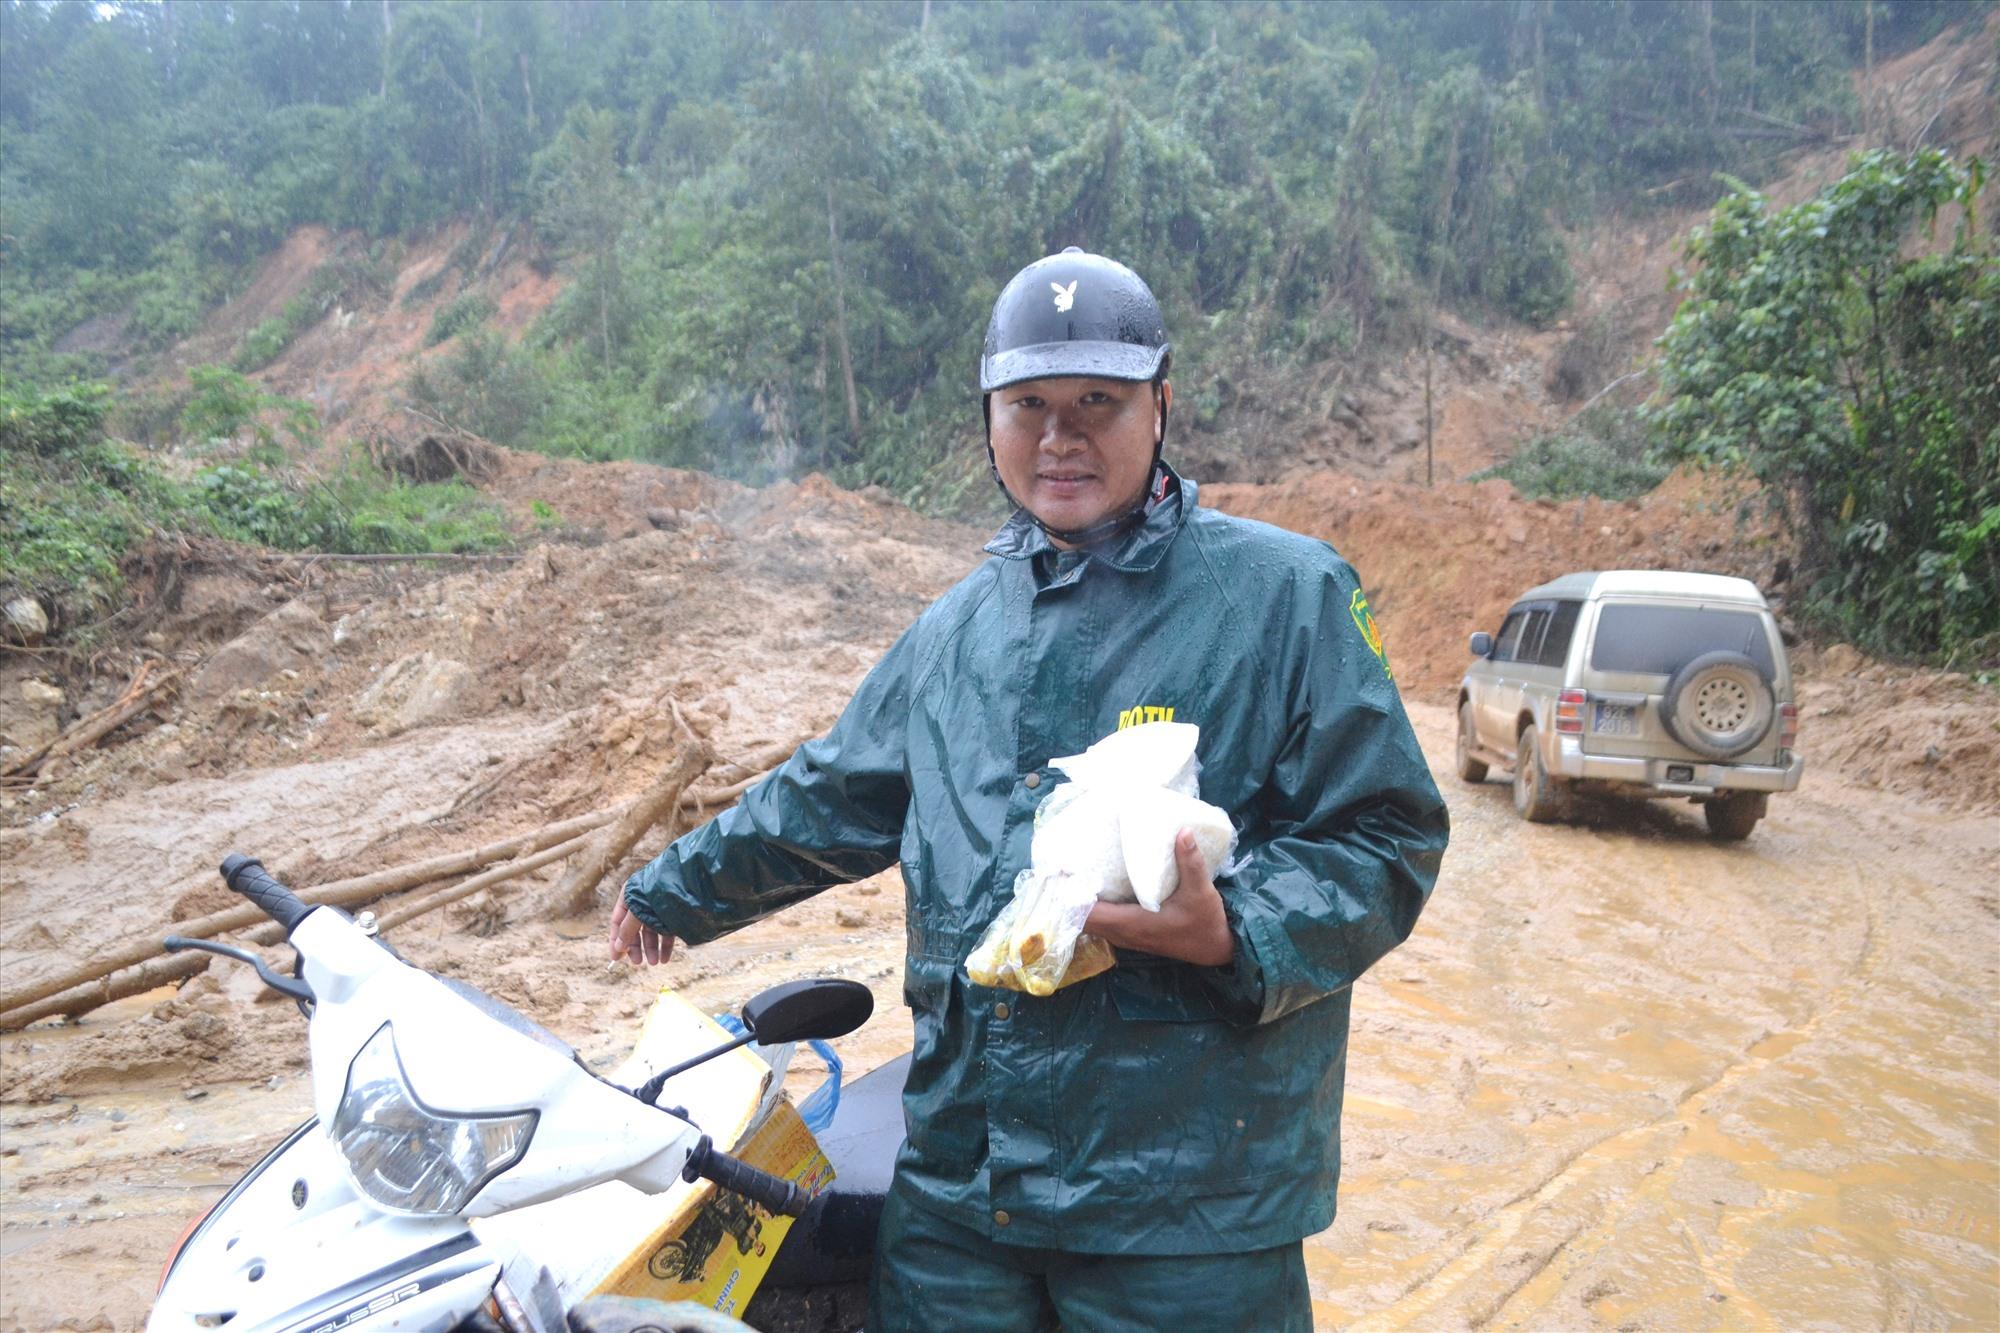 Mang cơm nấu ở nhà người dân tại trung tâm xã Phước Kim lên để đồng nghiệp lái xe máy ăn bữa. Ảnh: CT